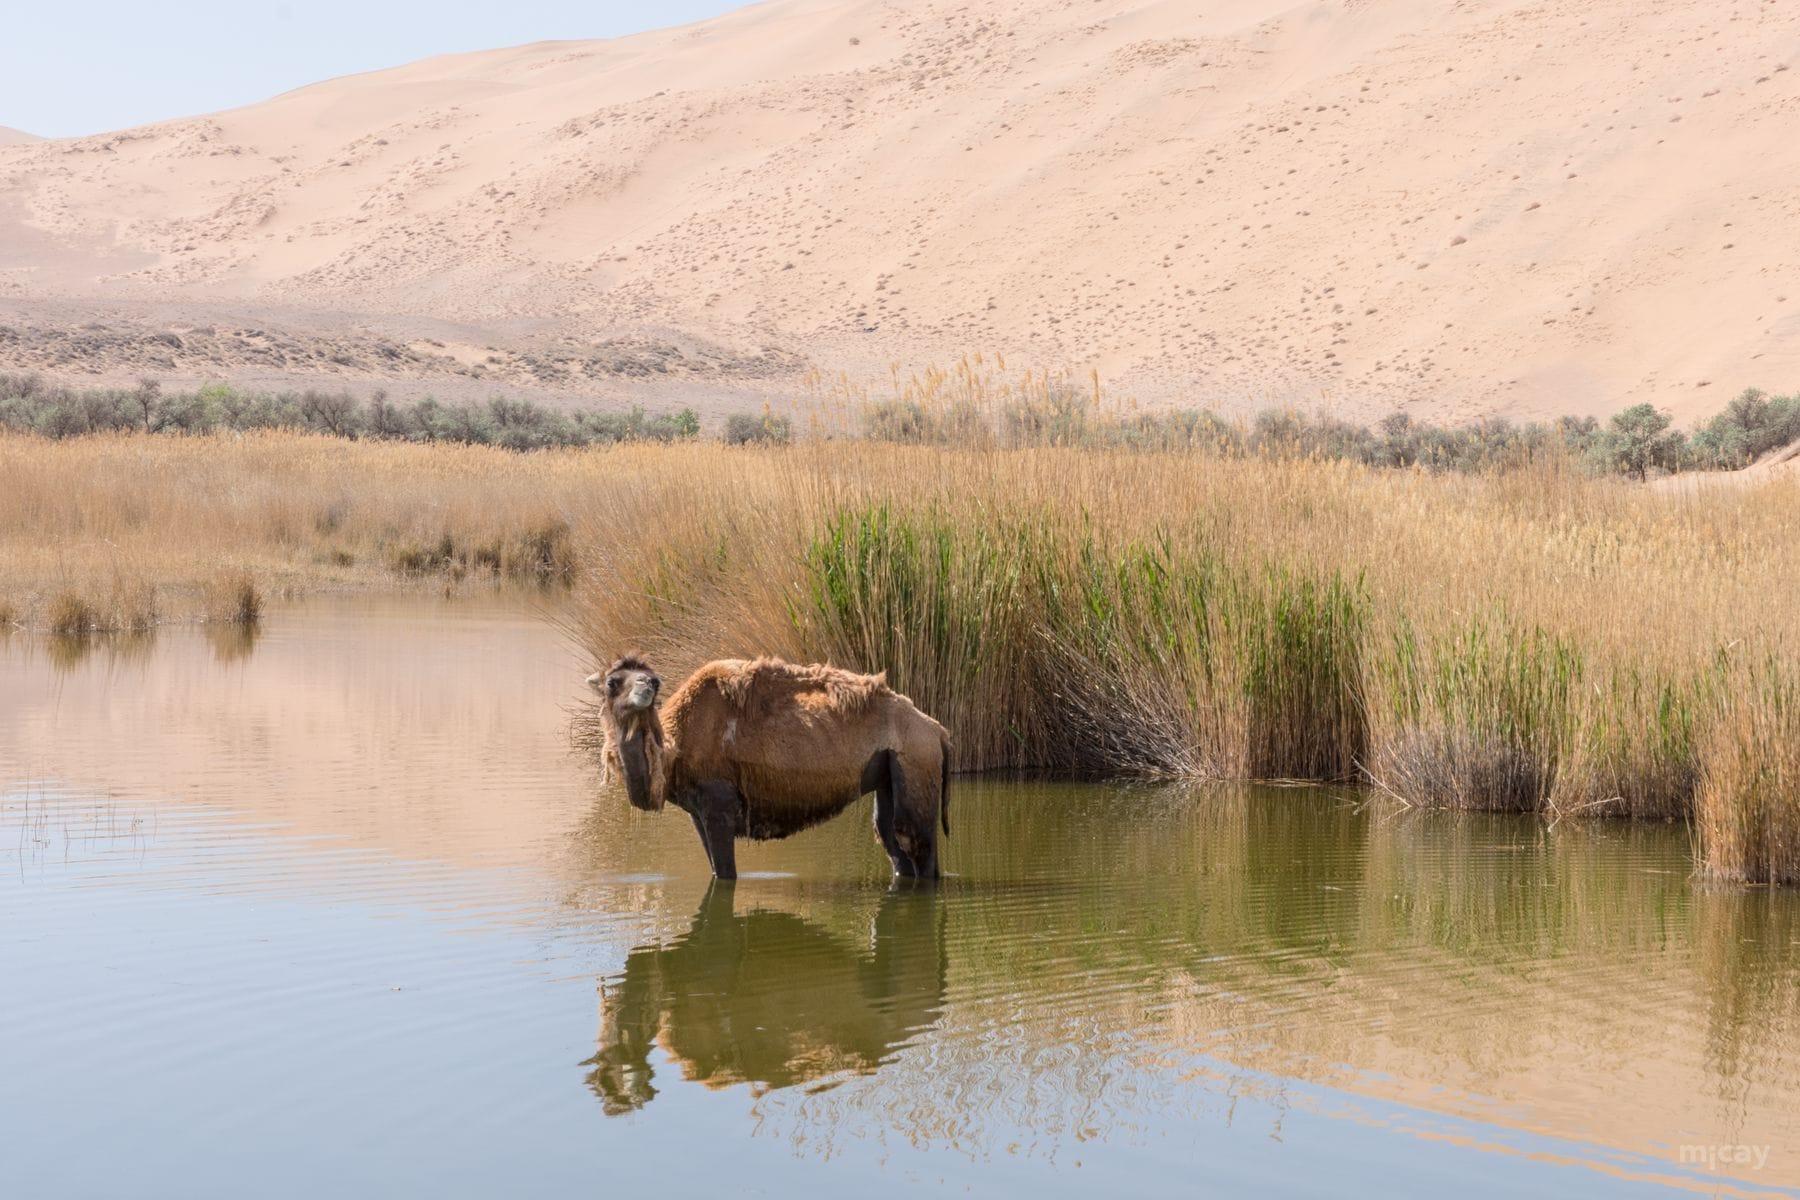 MichelAycaguer-Chine-Desert-BadainJaran-Dunes-Chameaux-MongolieInterieure-10